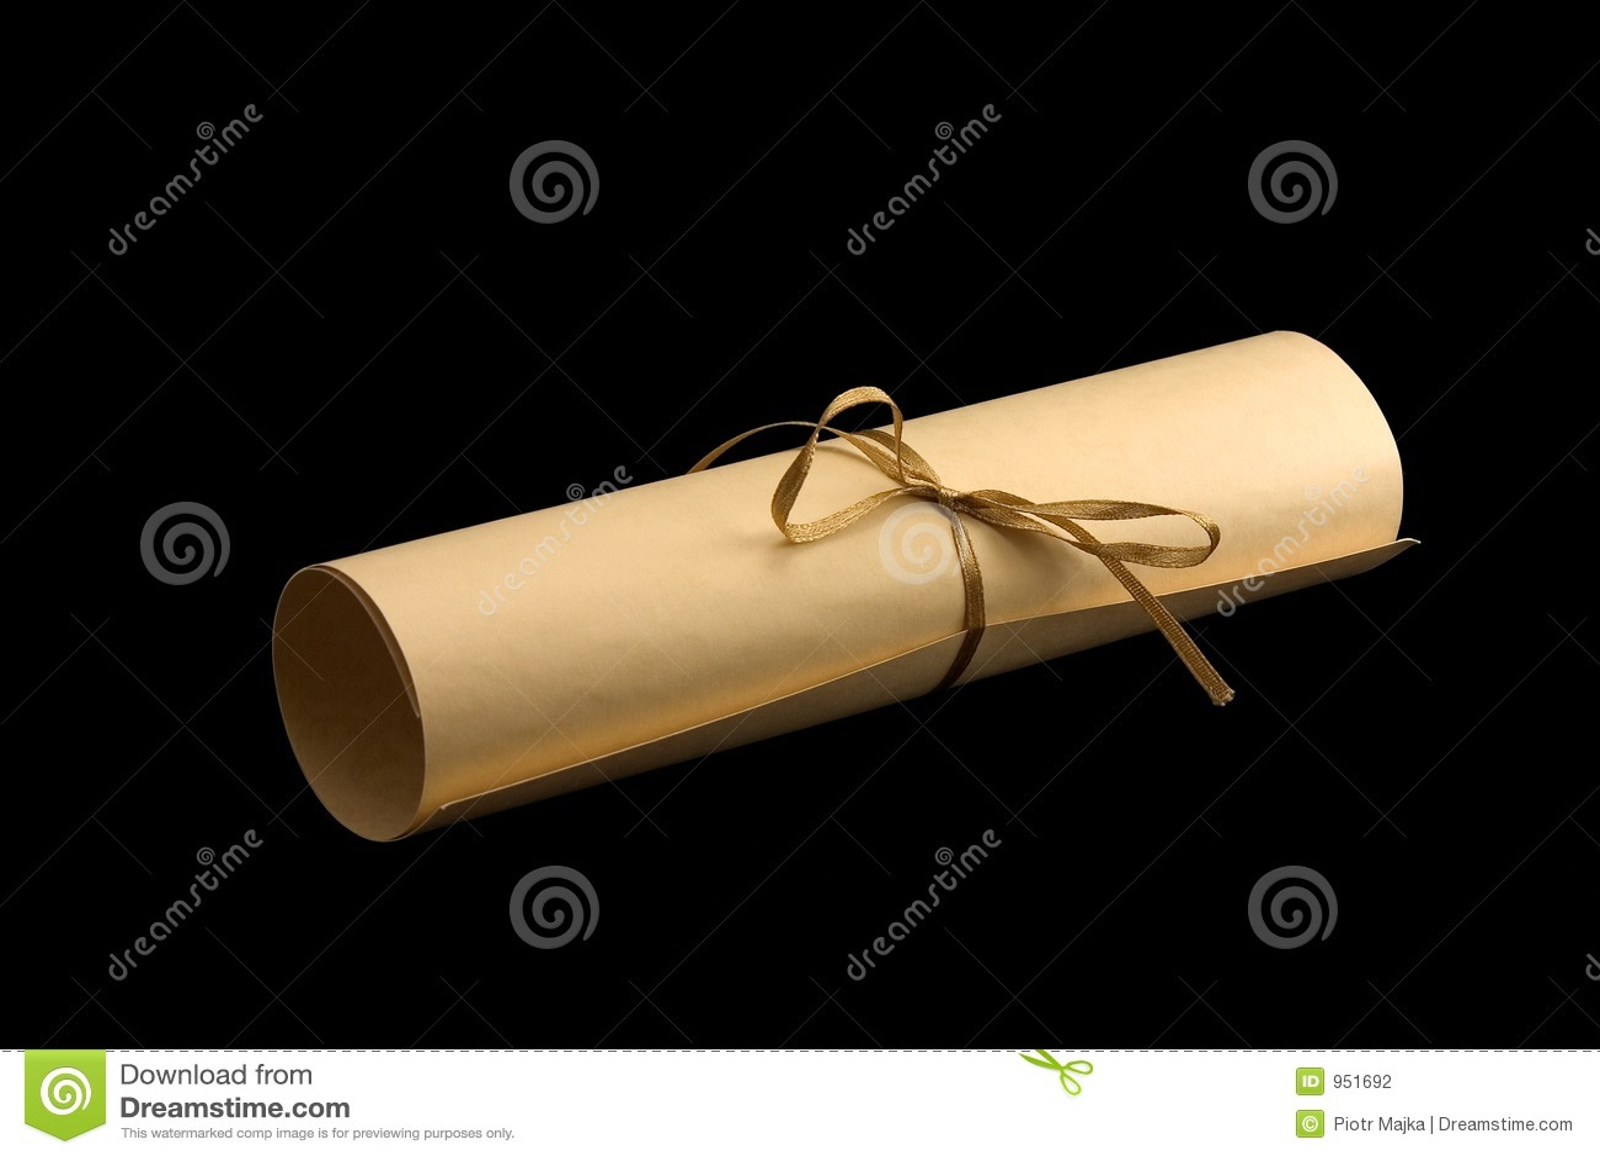 Aged scroll